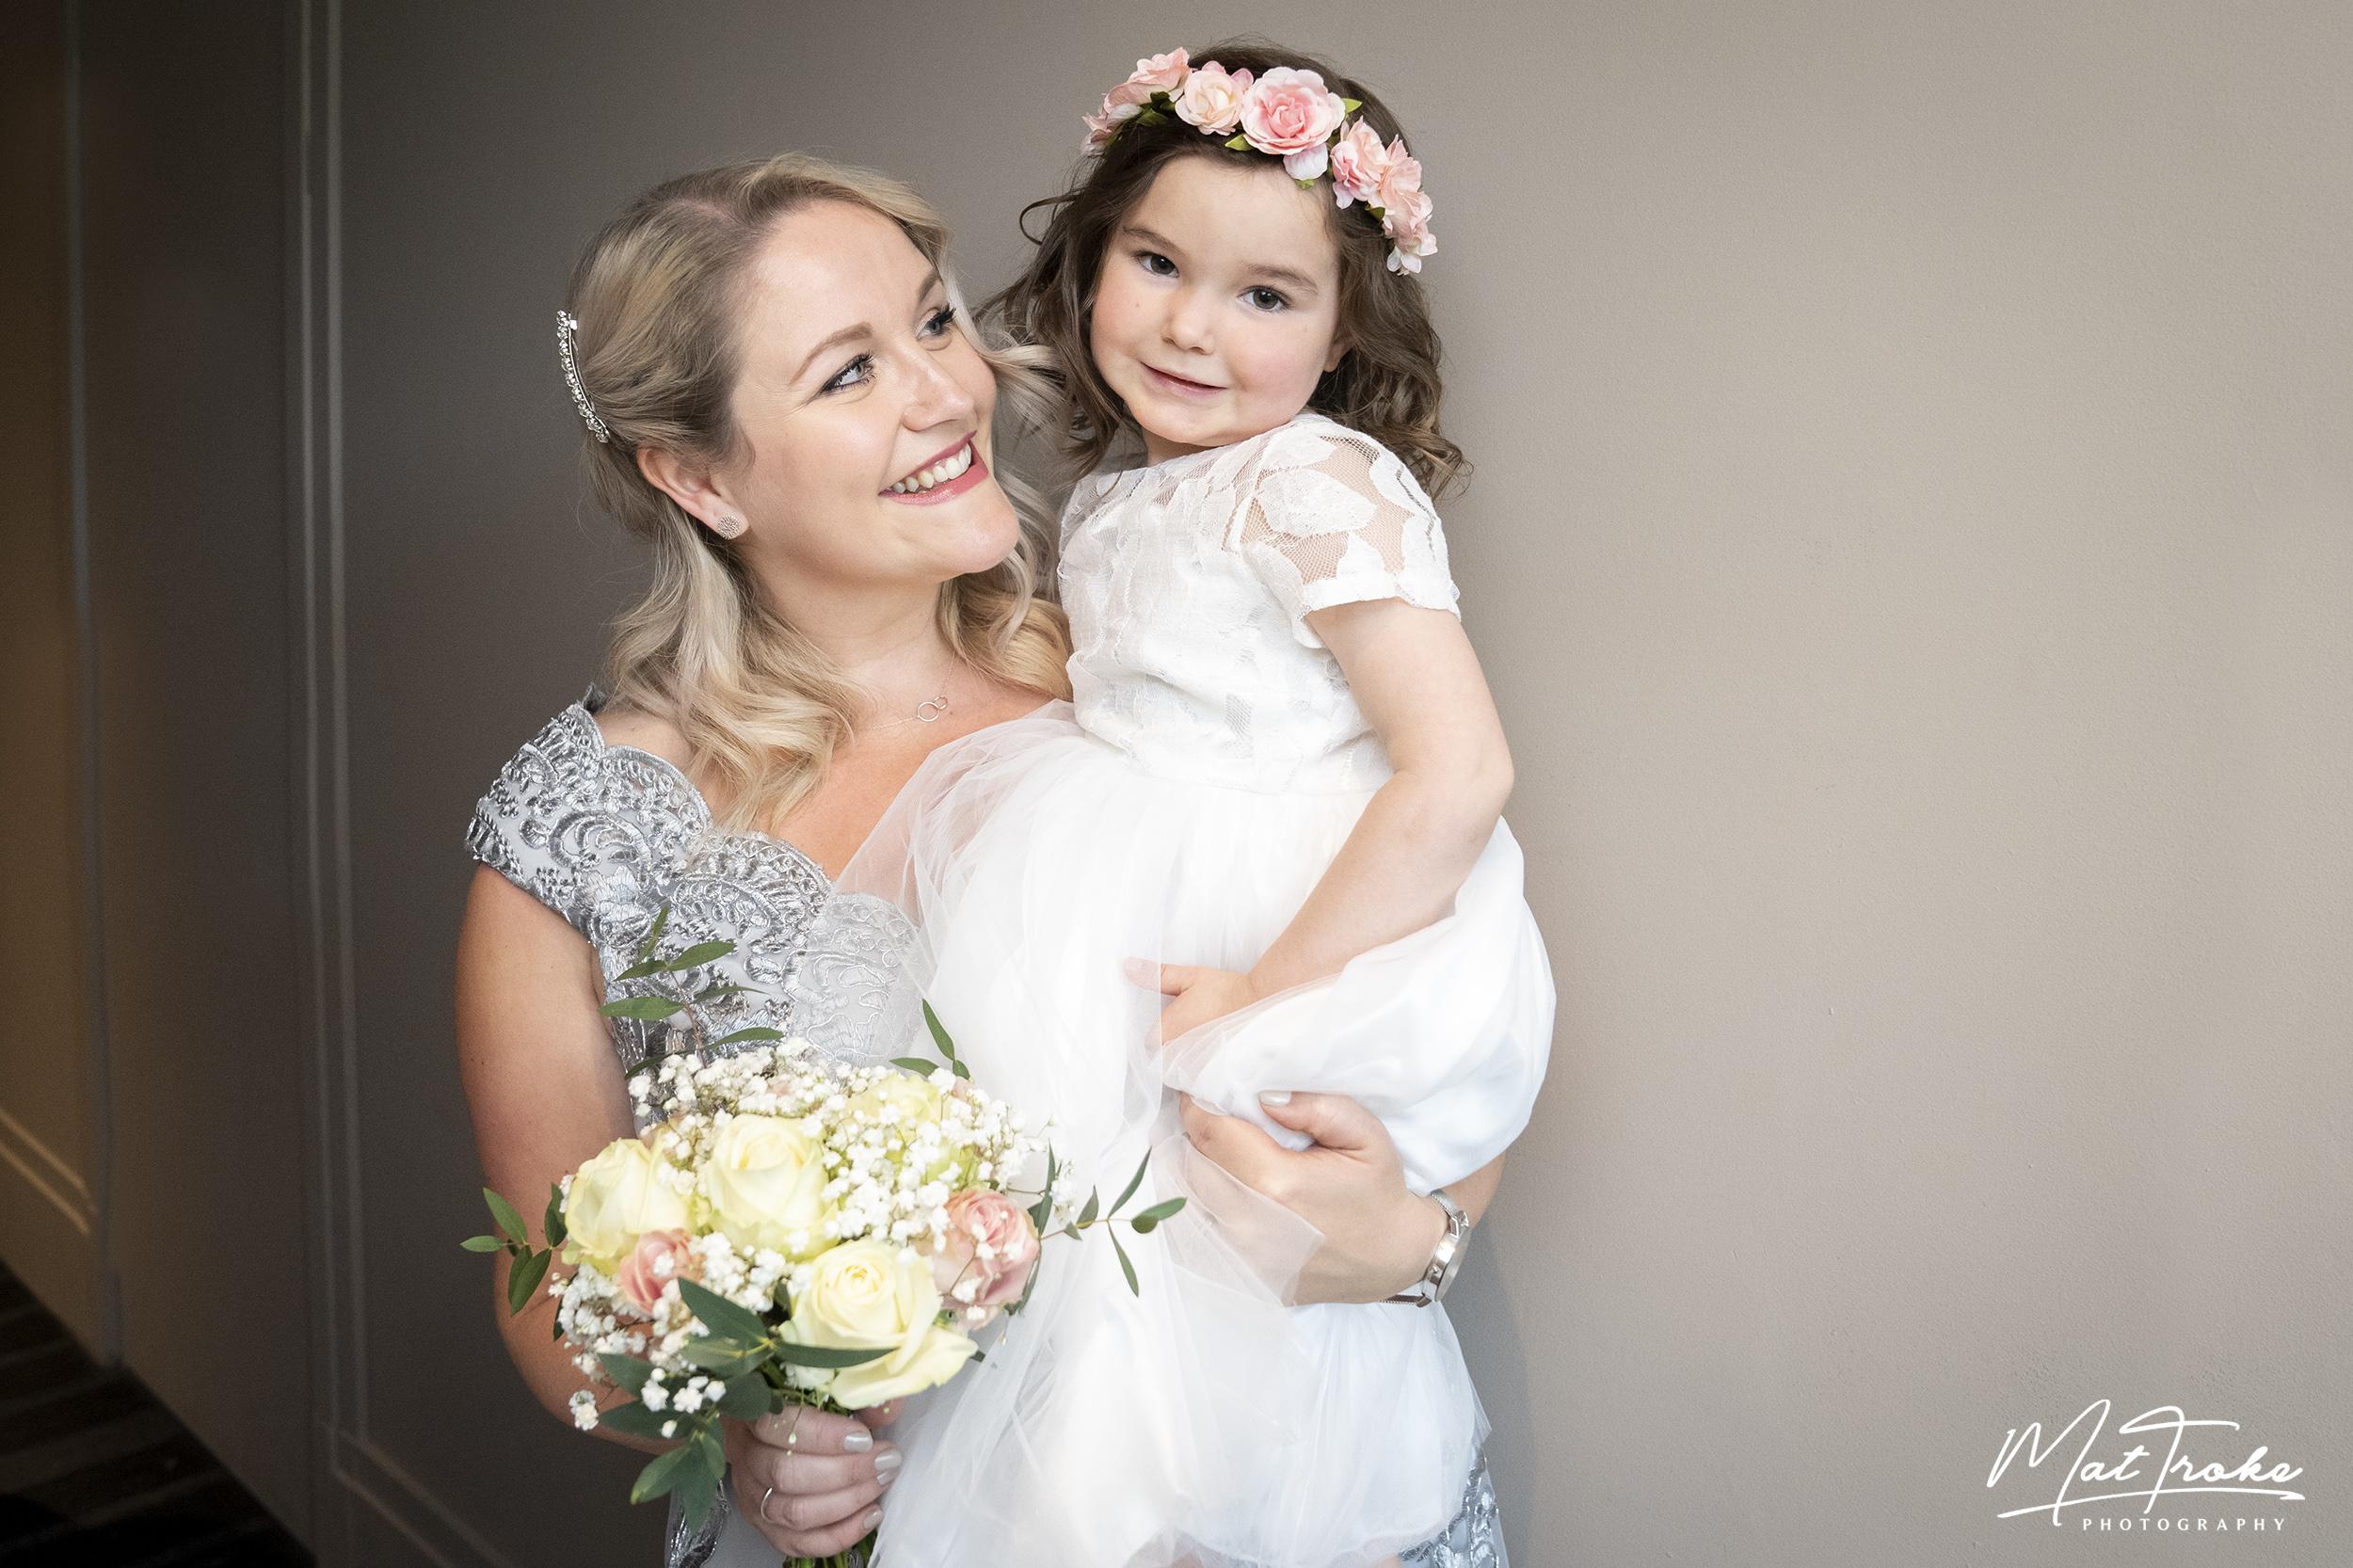 flowergirl_flower_girl_wedding_photography_mour_hotel_dekota_photographer_mansfield_dekota.jpg